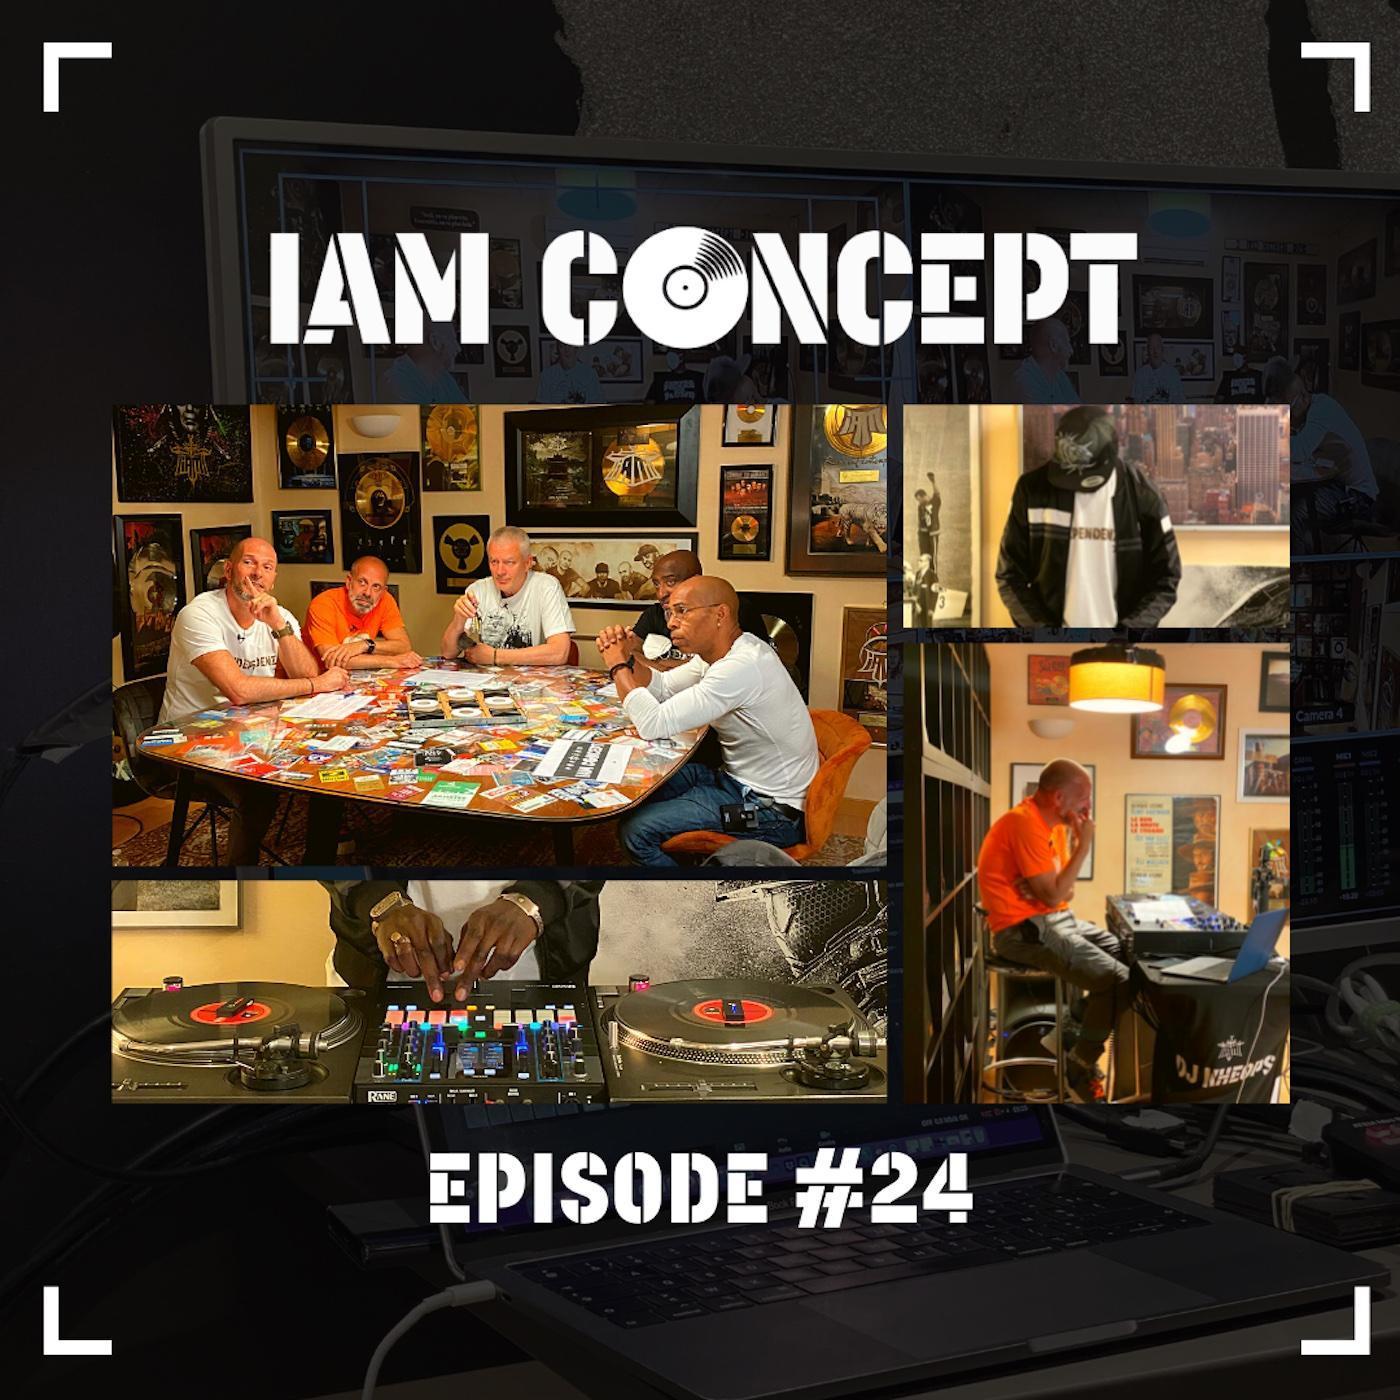 IAM CONCEPT #24 - MIX DJ DAZ PART2